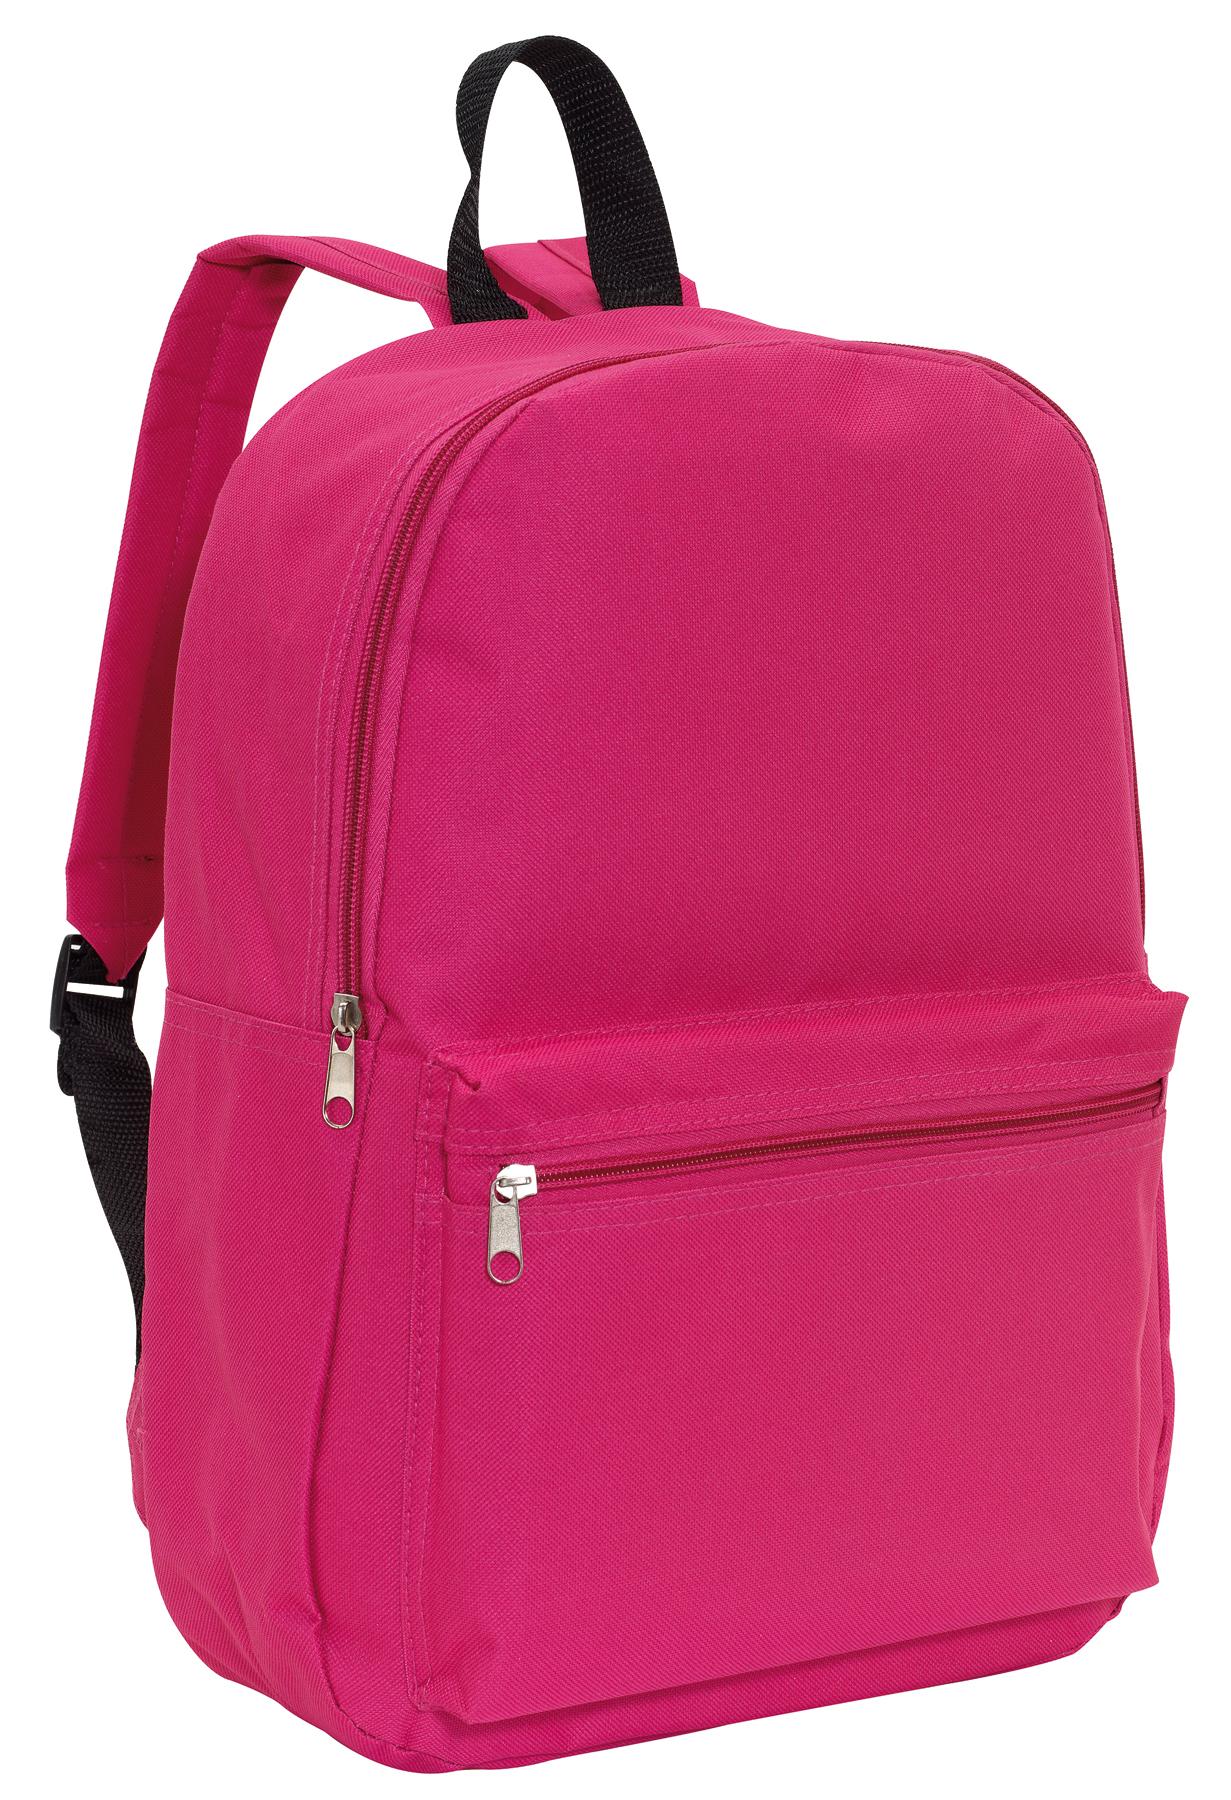 Plecak CHAP, różowy